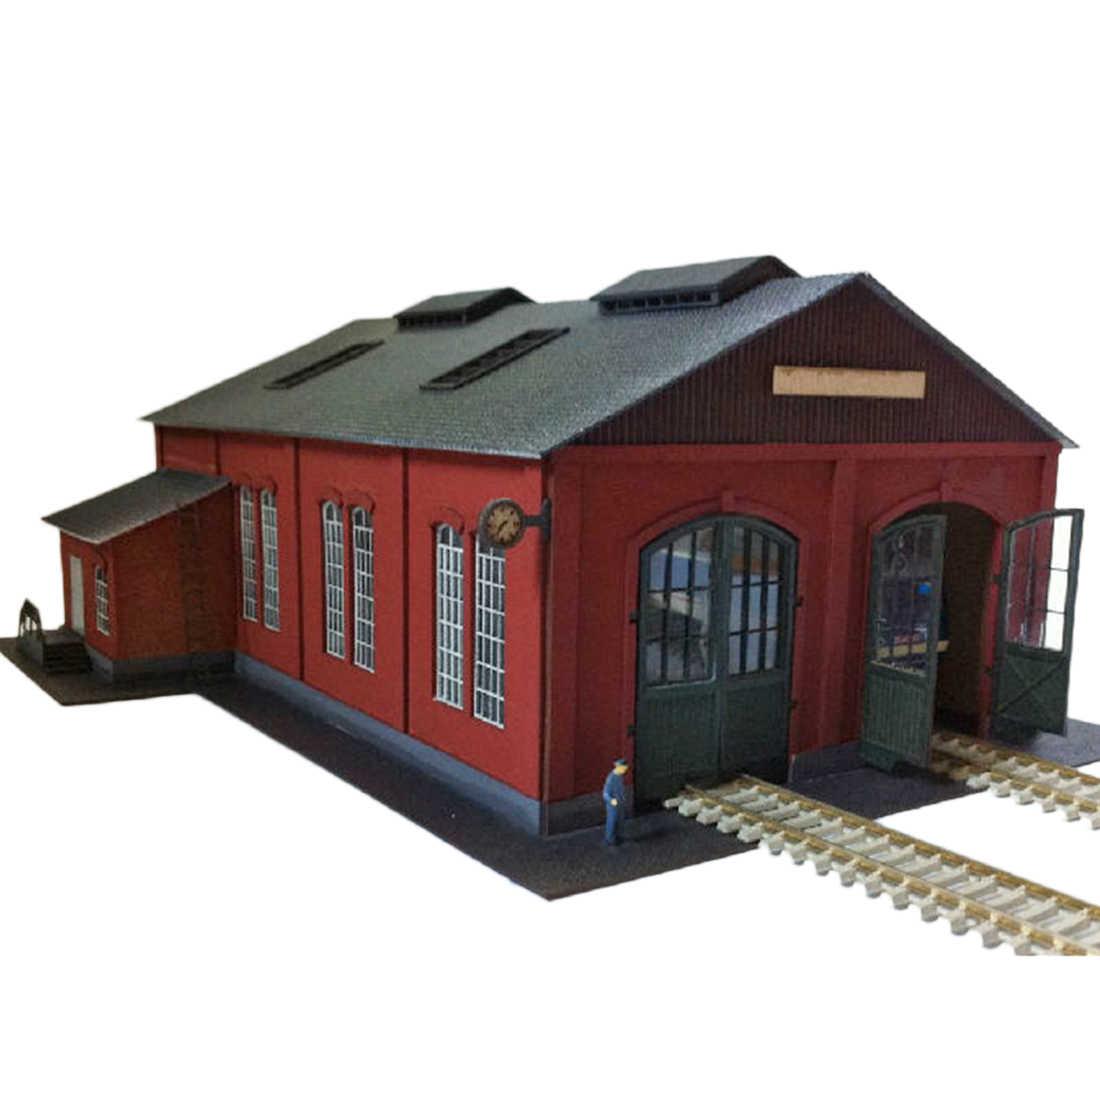 Surwish 1: 87 escala de ho locomotiva garagem areia mesa cena decorações ho escala modelo trem acessórios alta qualidade